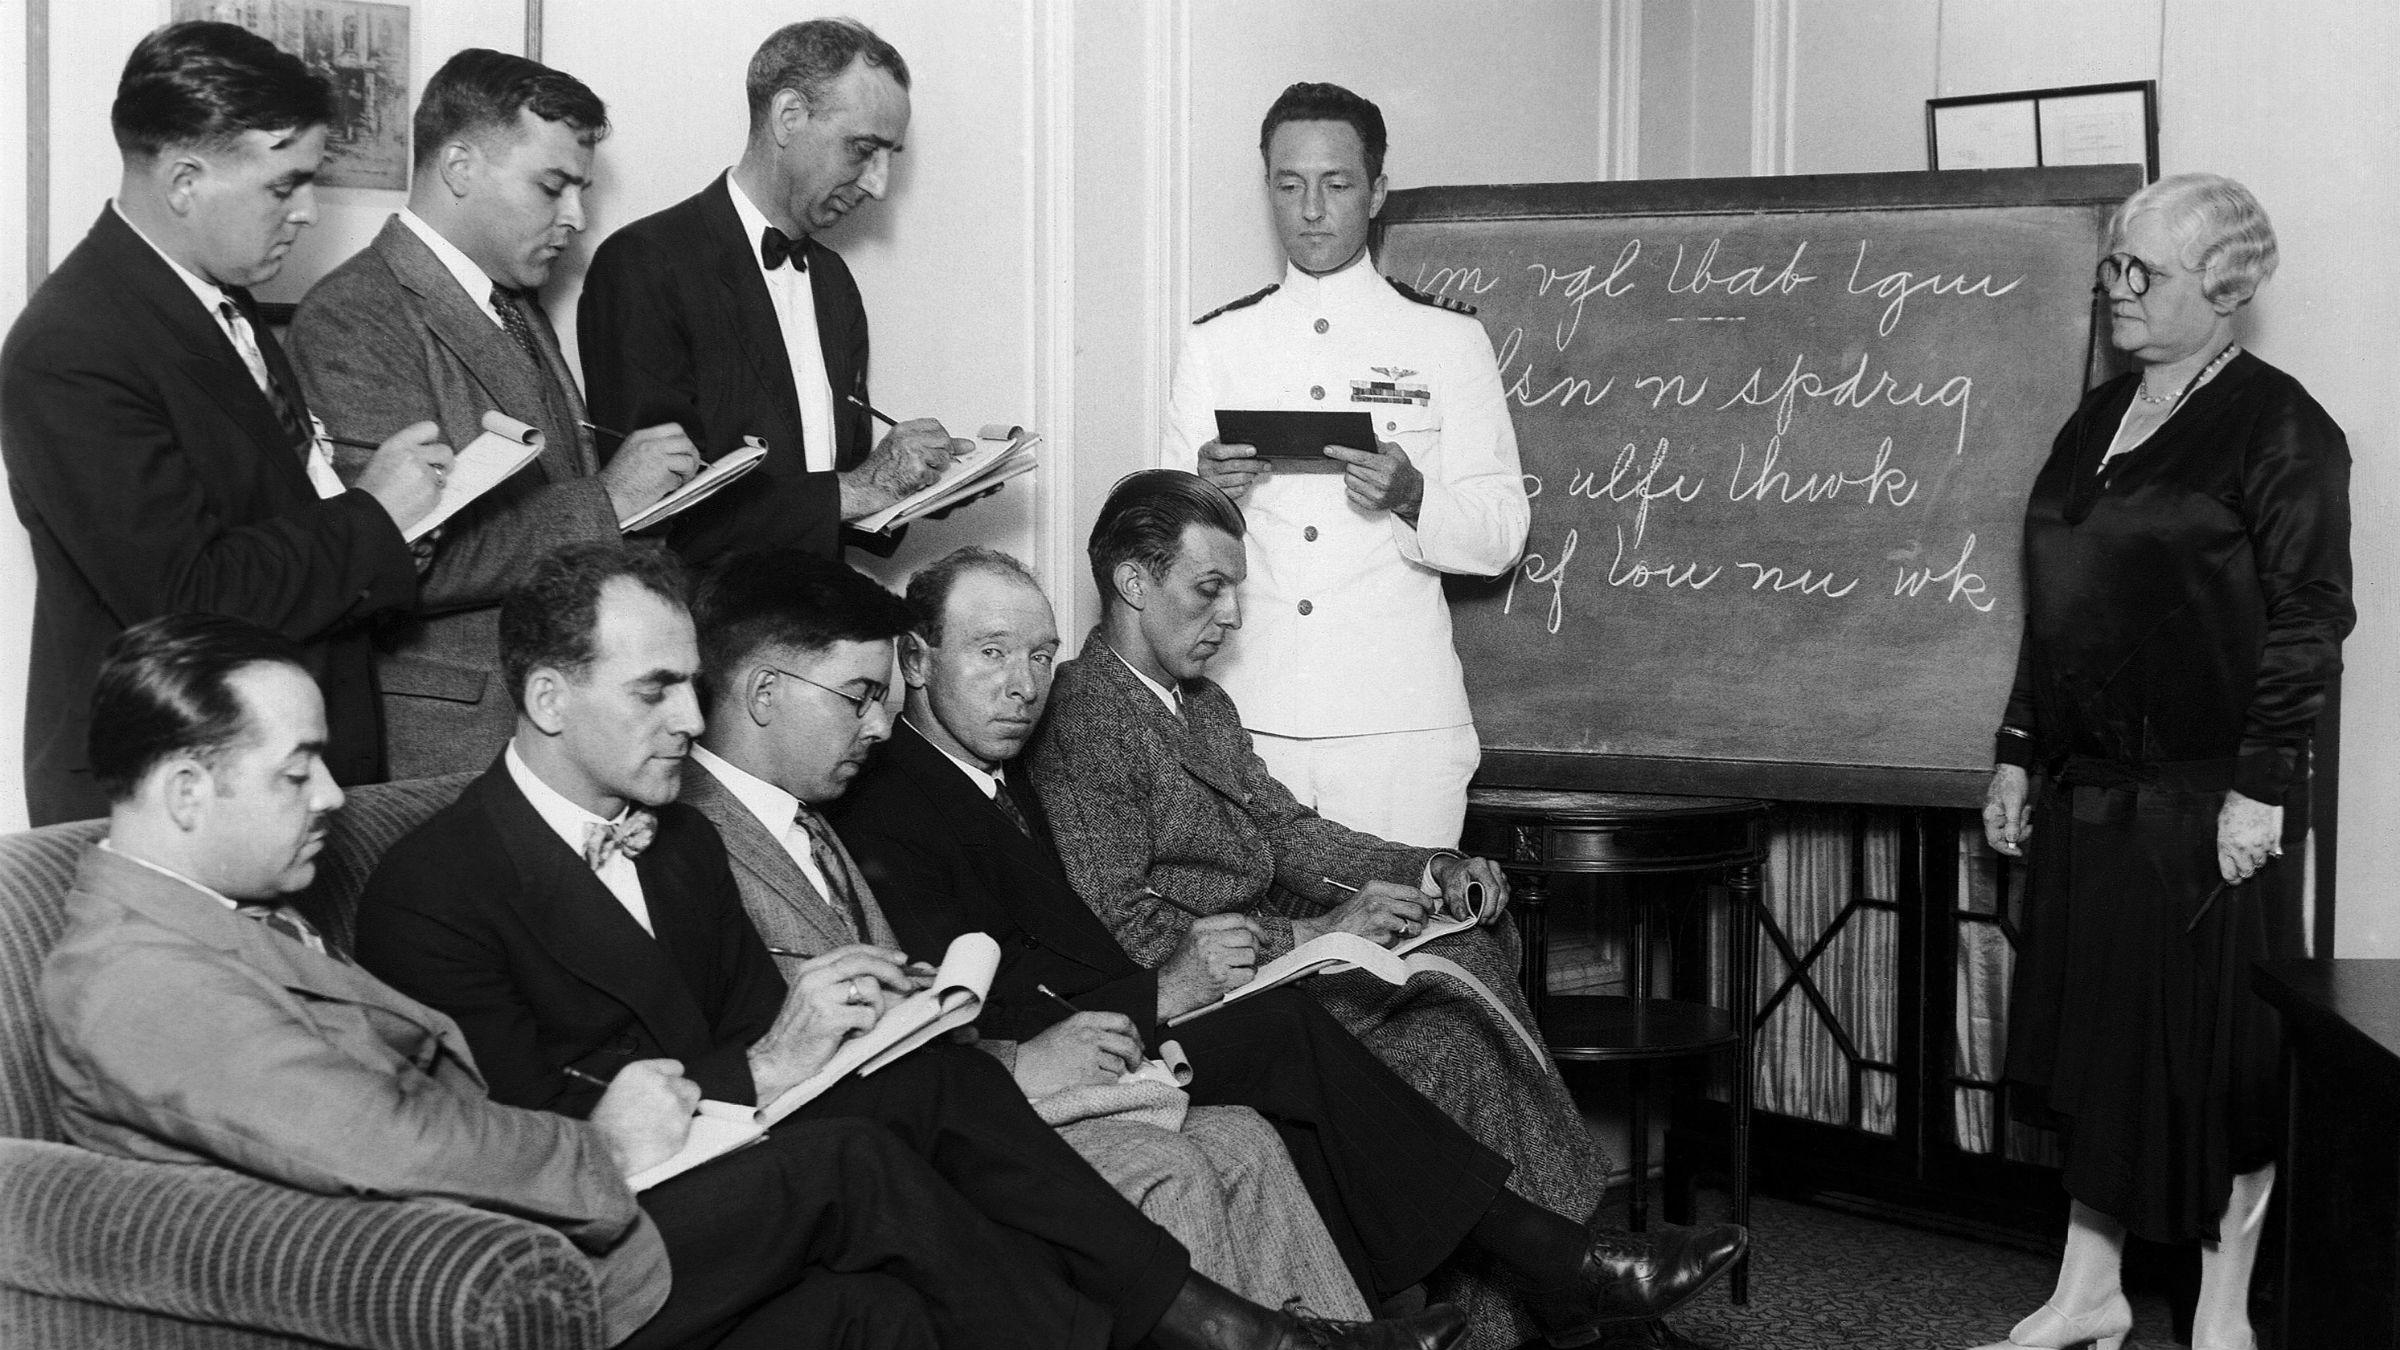 1928 speedwriting class